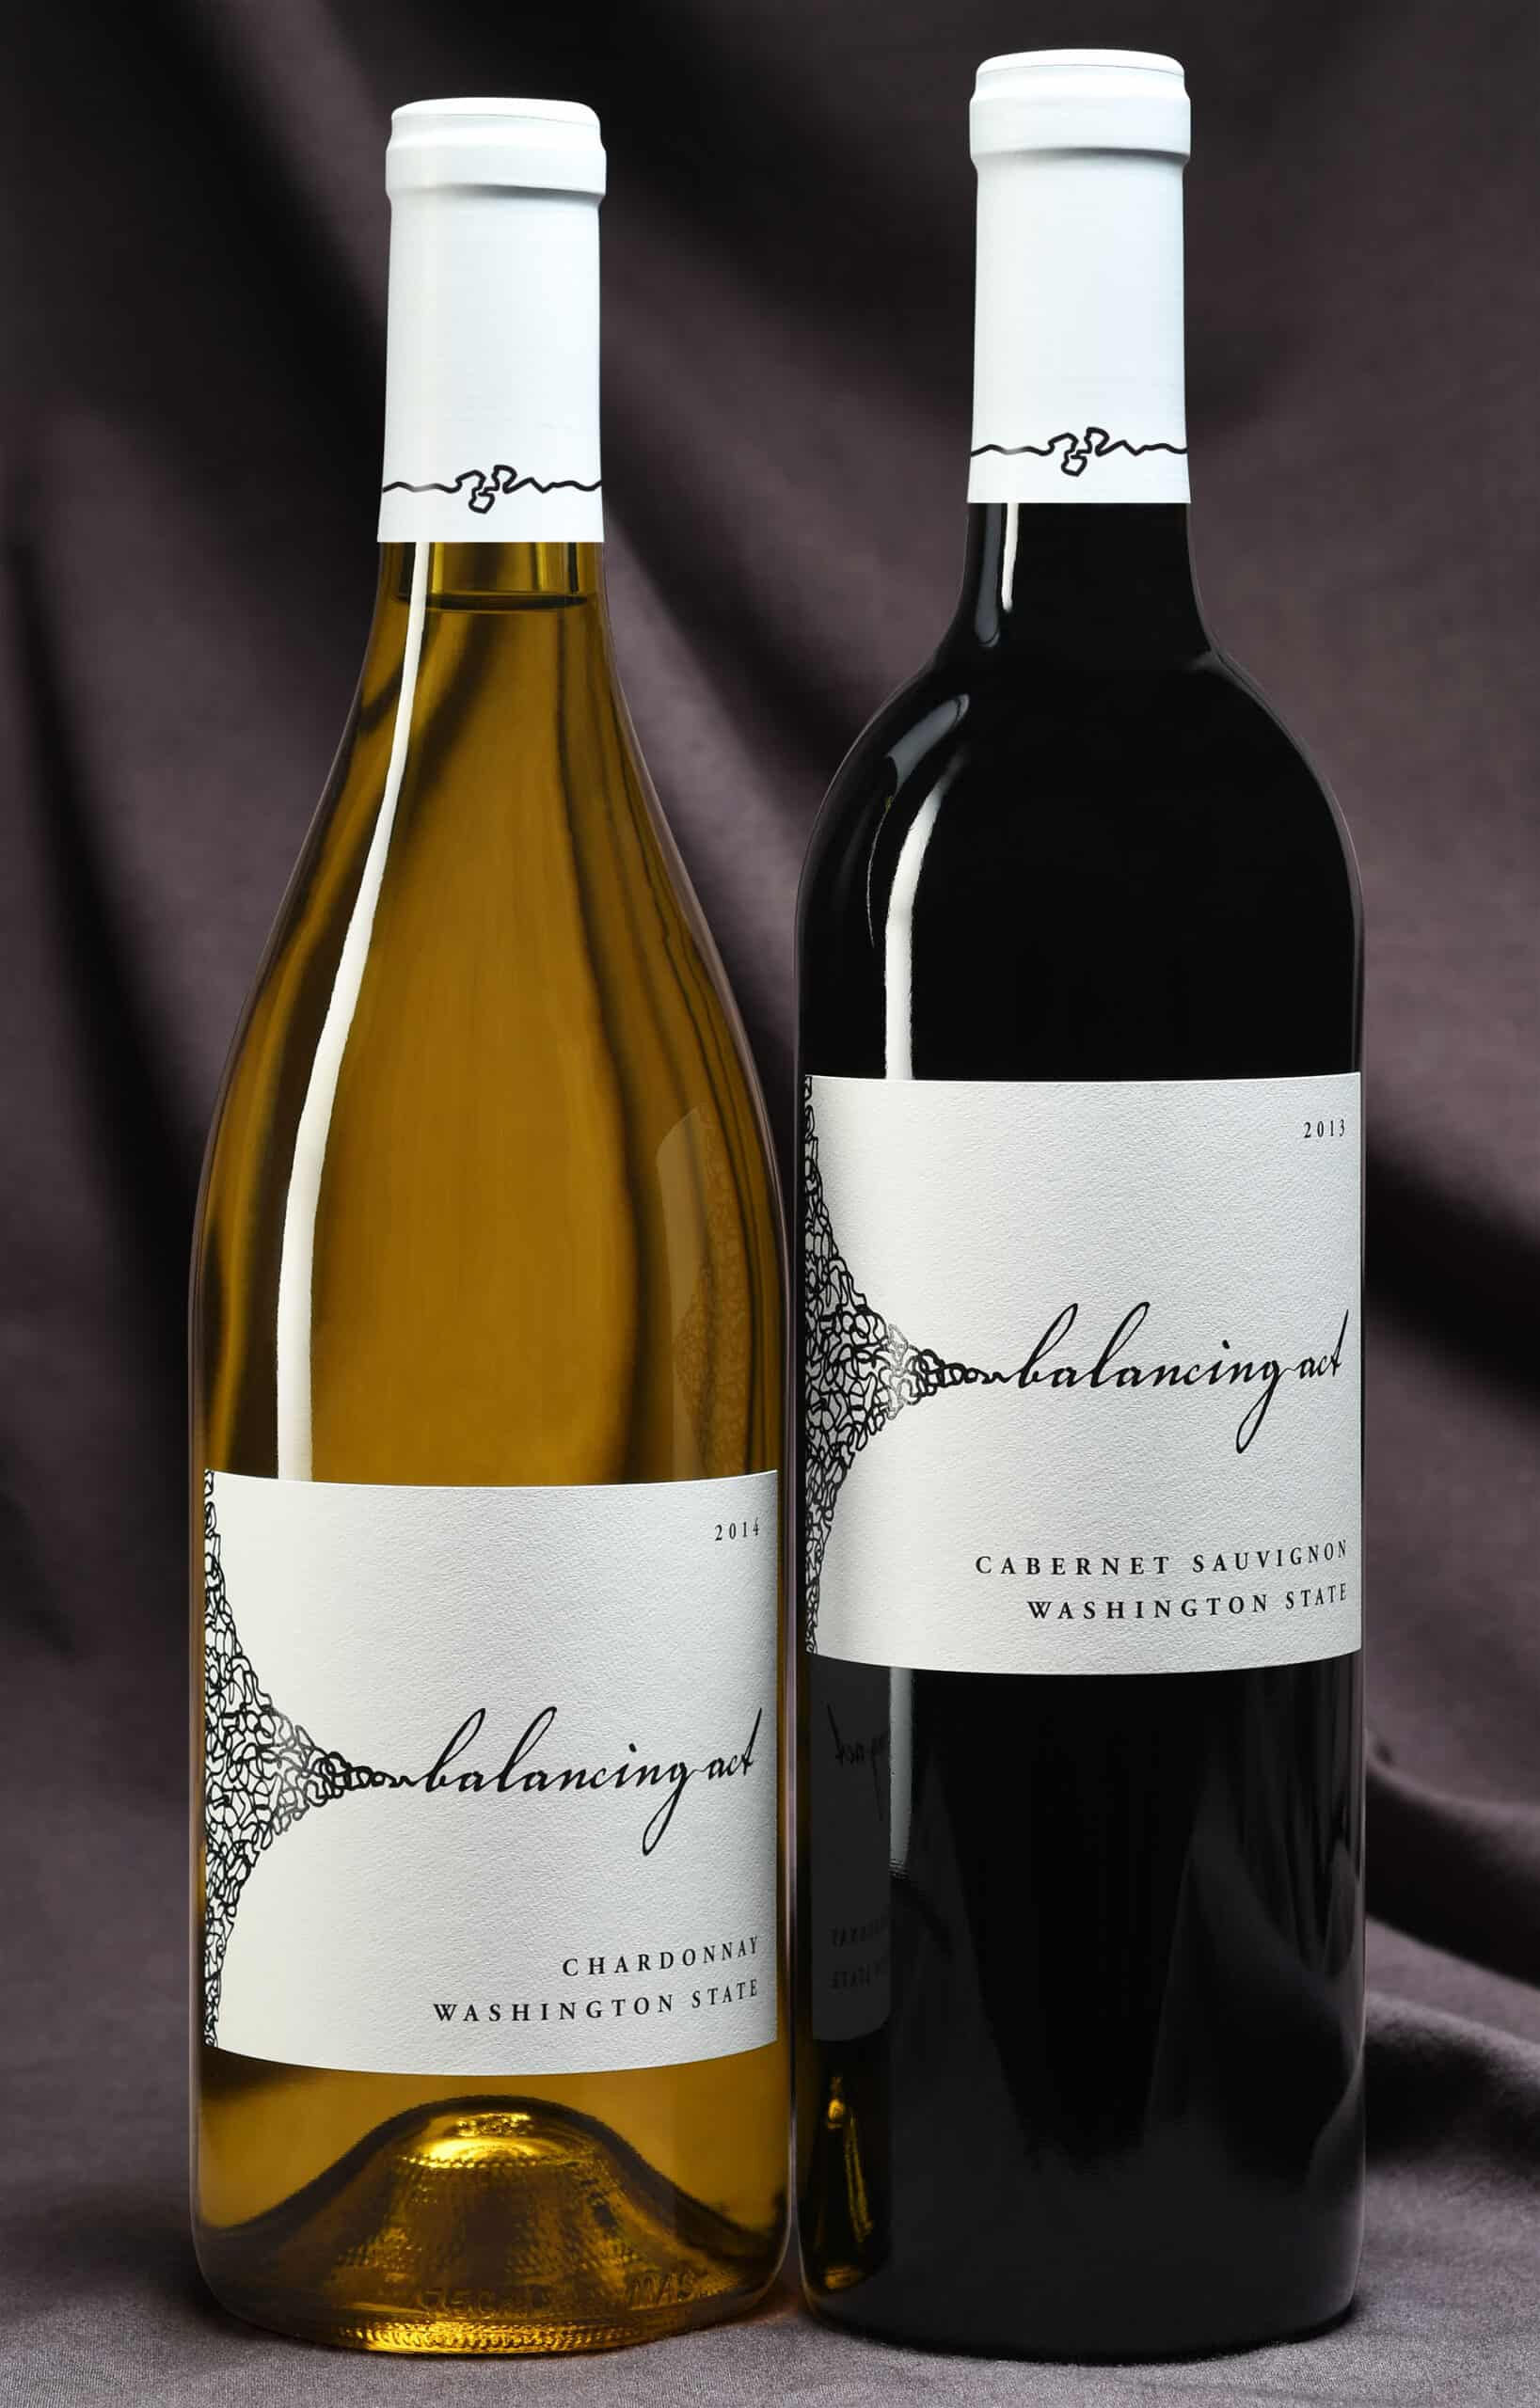 Balancing Act wine bottles